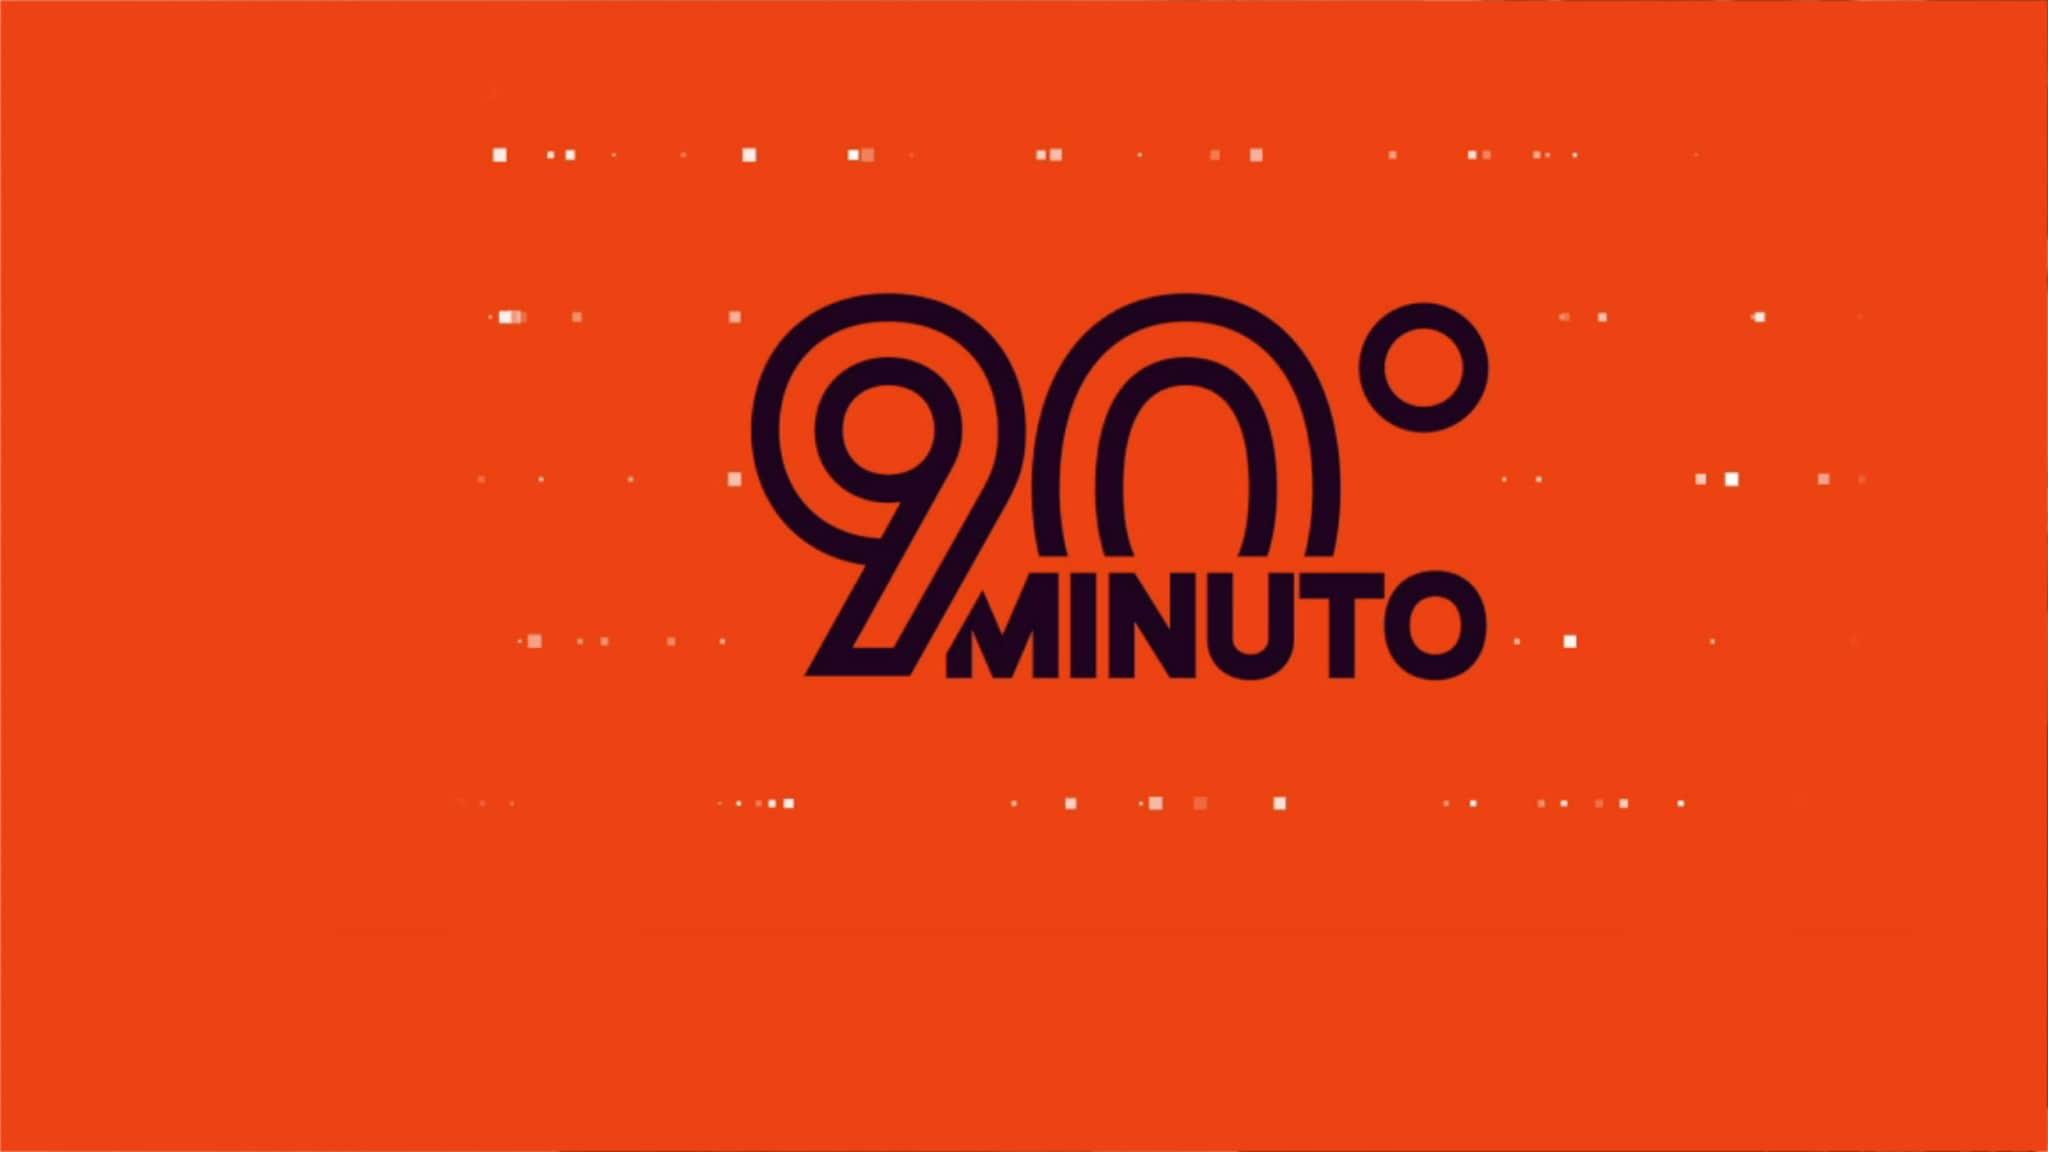 Rai Sport+ HD 90° Minuto del Sabato